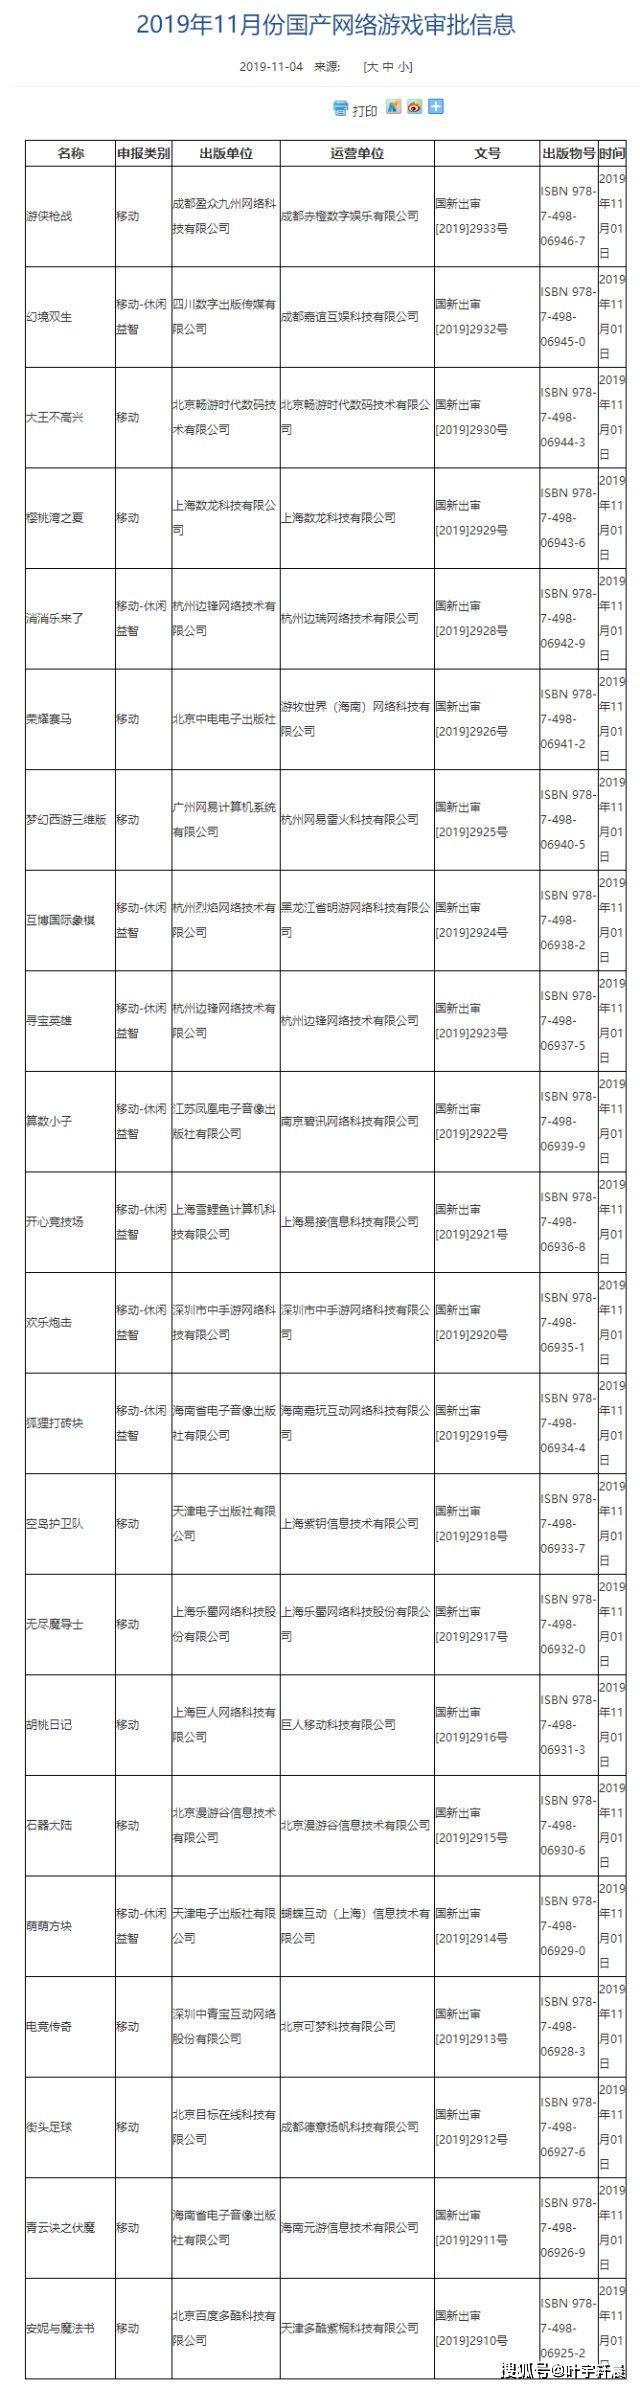 十一月版号名单公布,《梦幻西游三维版》已在名单中,公测不远